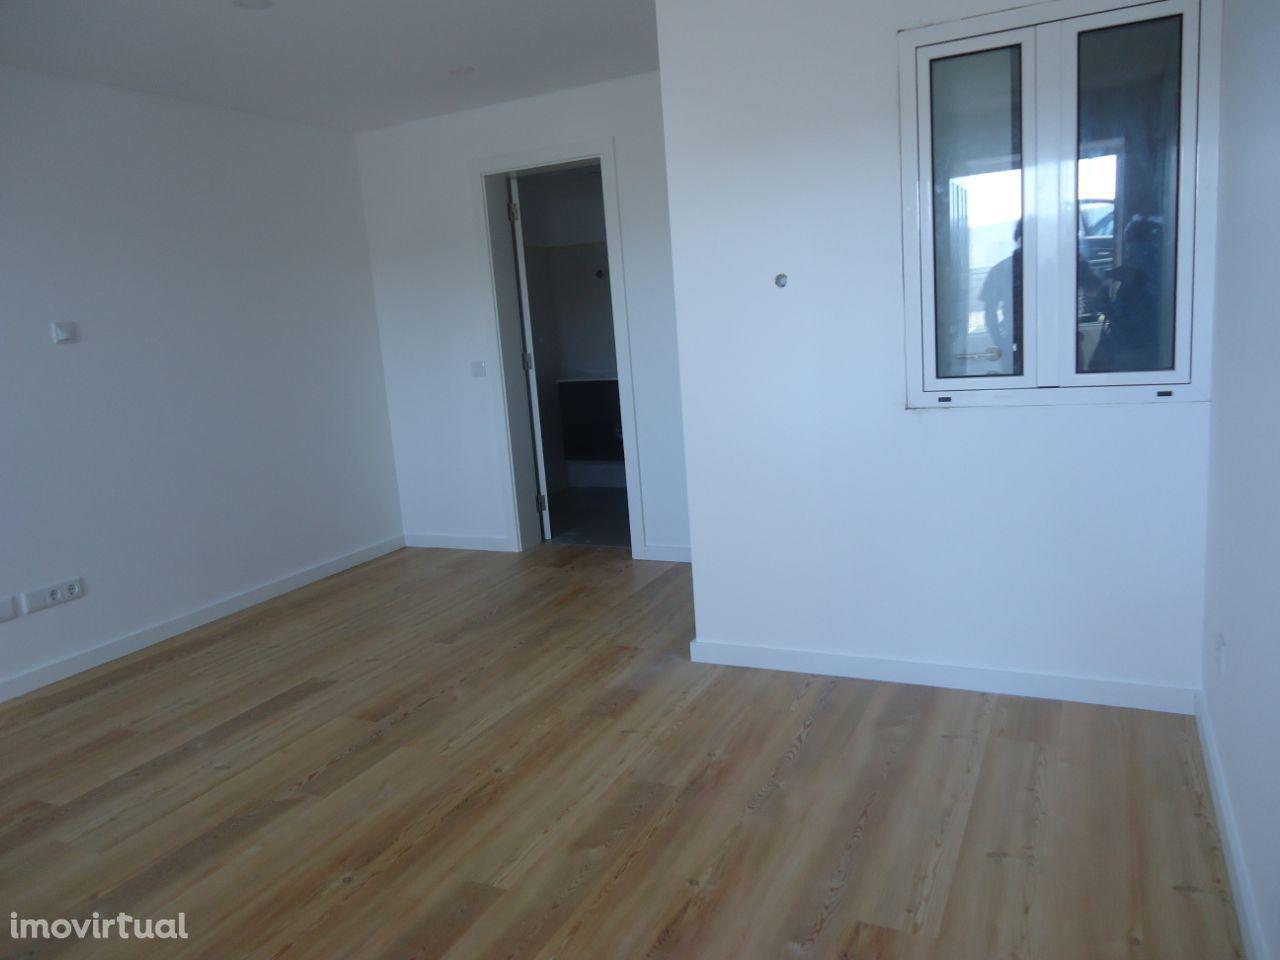 Moradia transformada transformada em 3 apartamentos